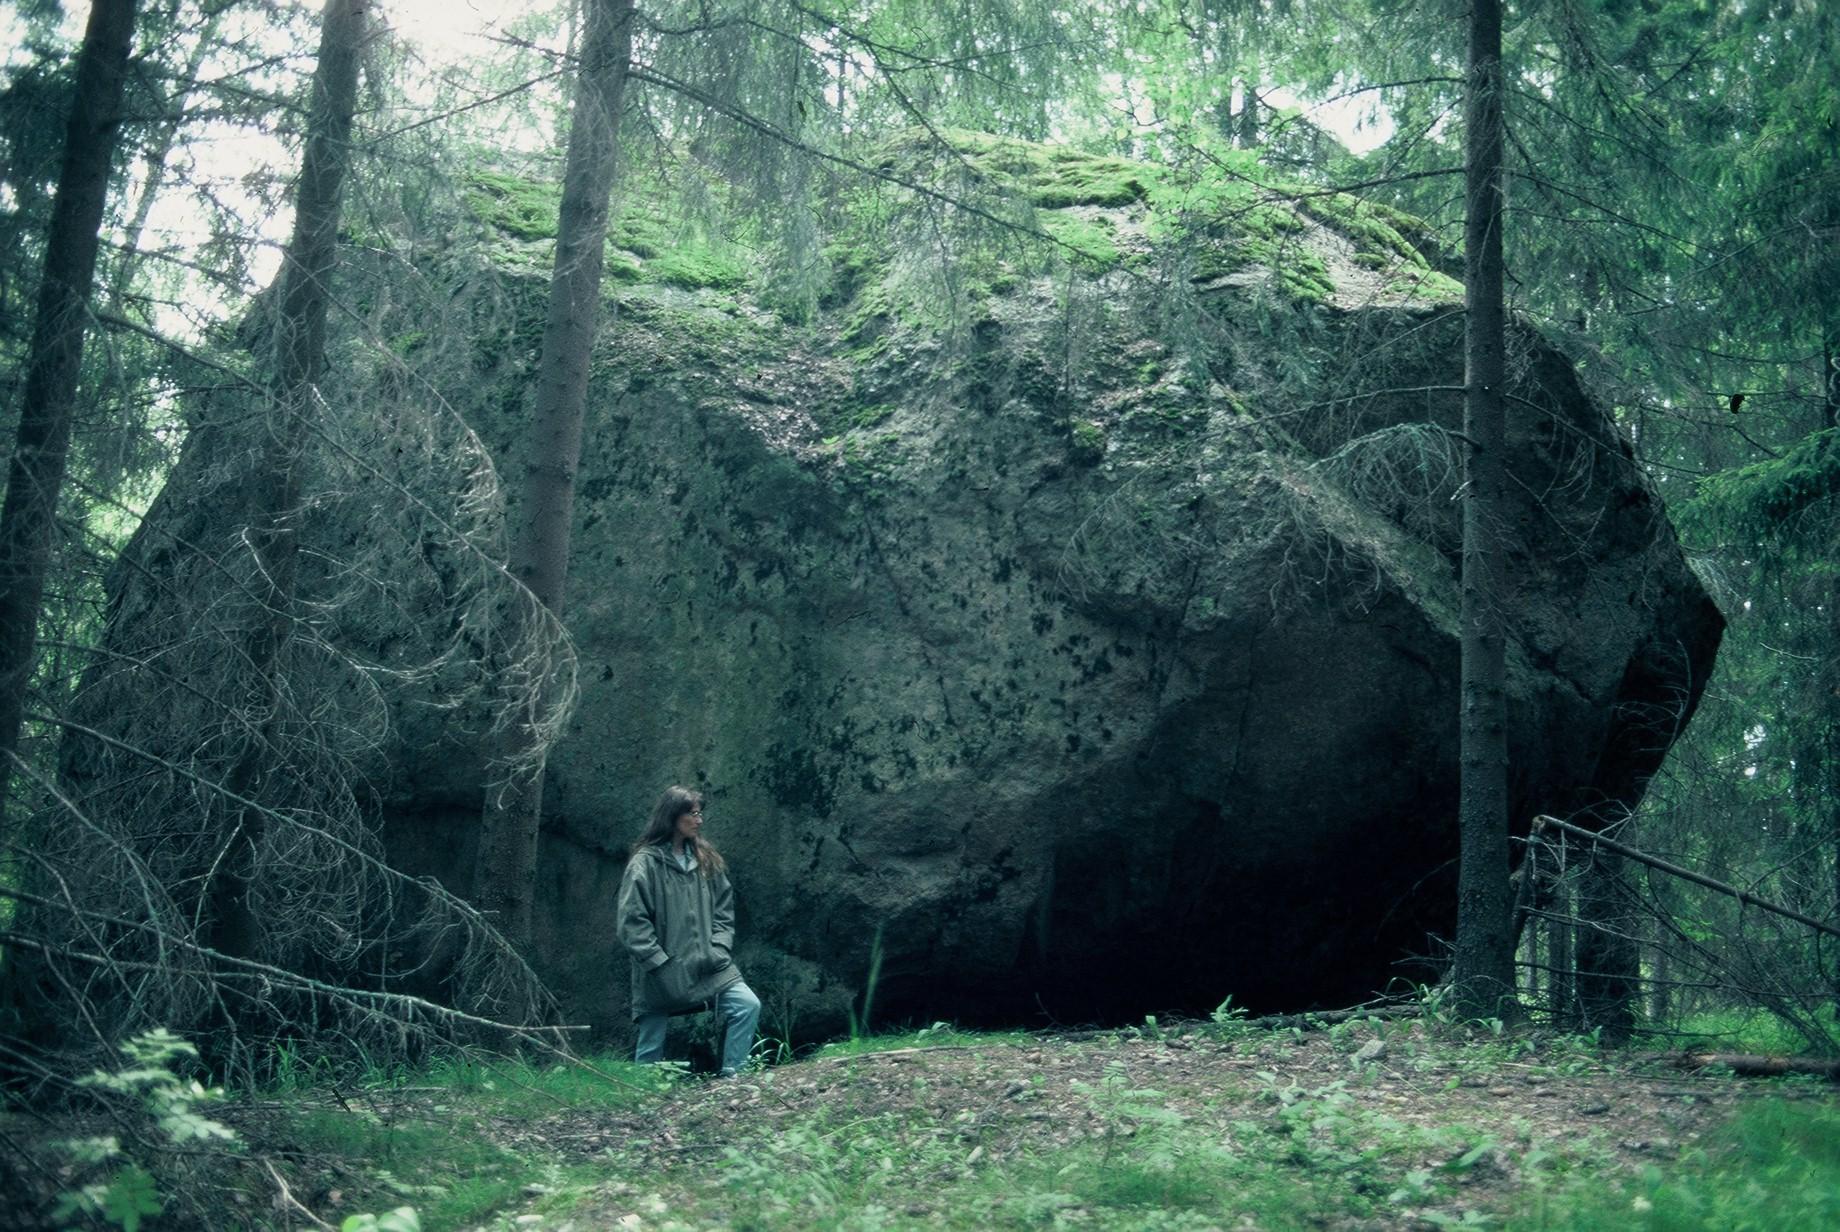 Luonnonmuistomerkki, siirtolohkare, Vaanila, kuva Lohjan ympäristönsuojelu.